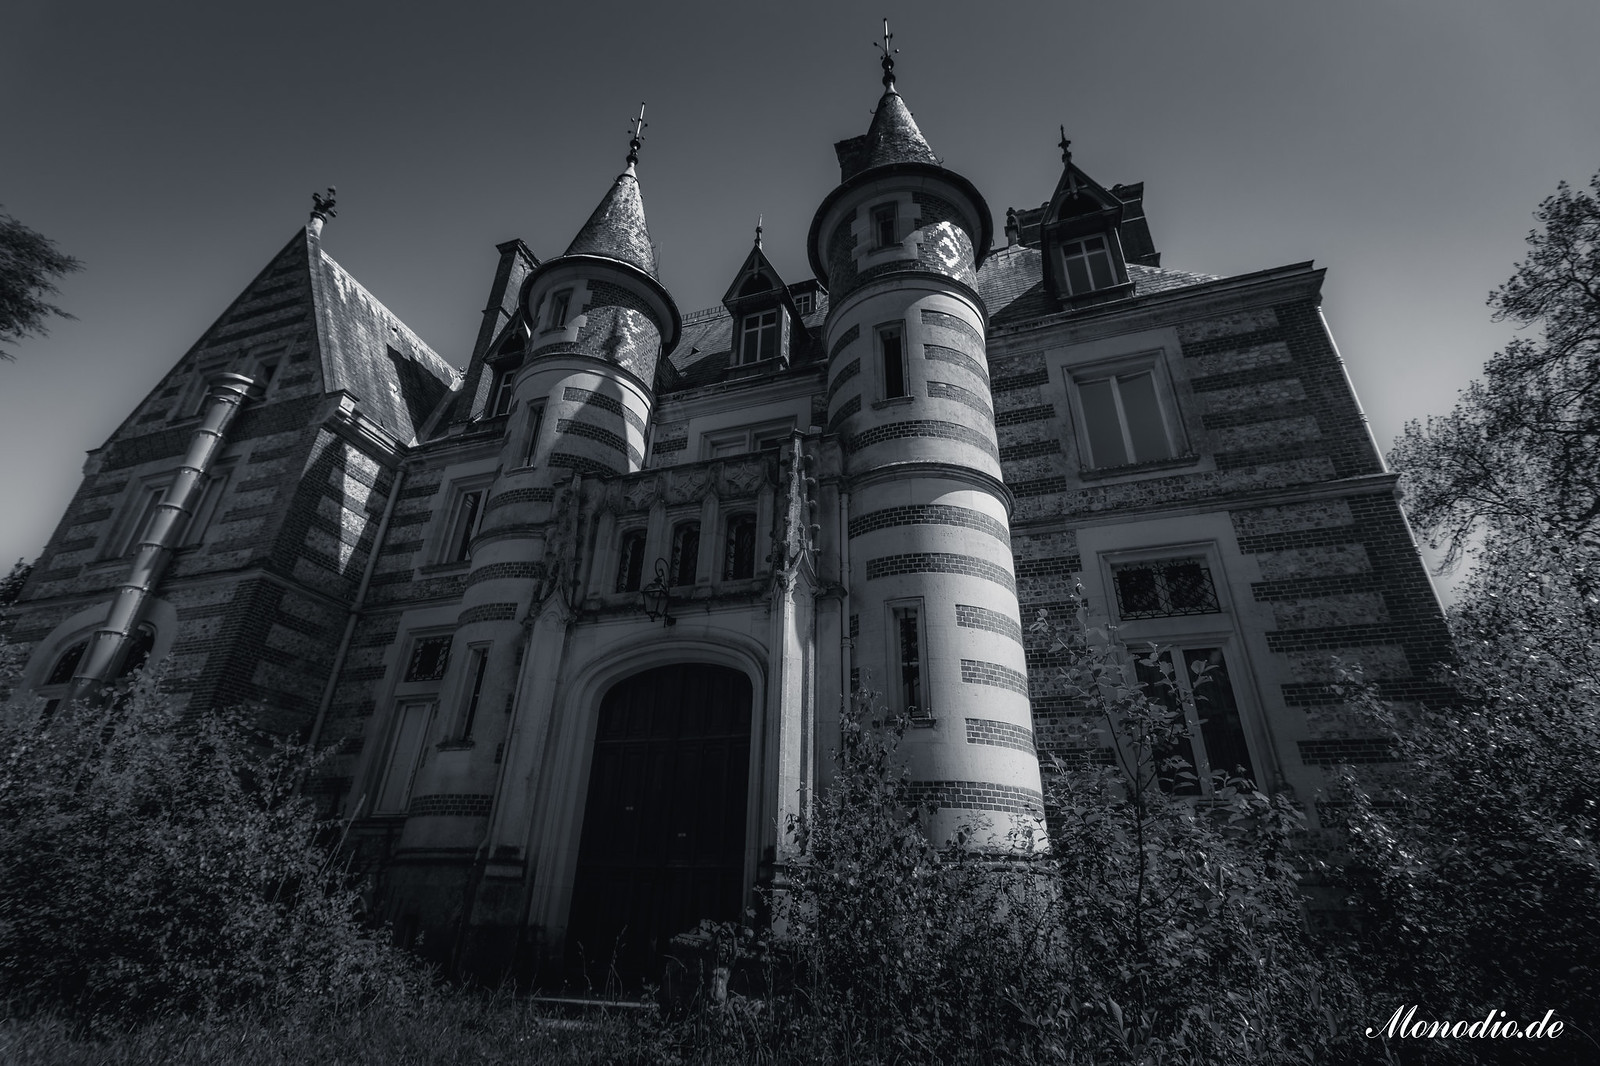 Château Sous les Nuages